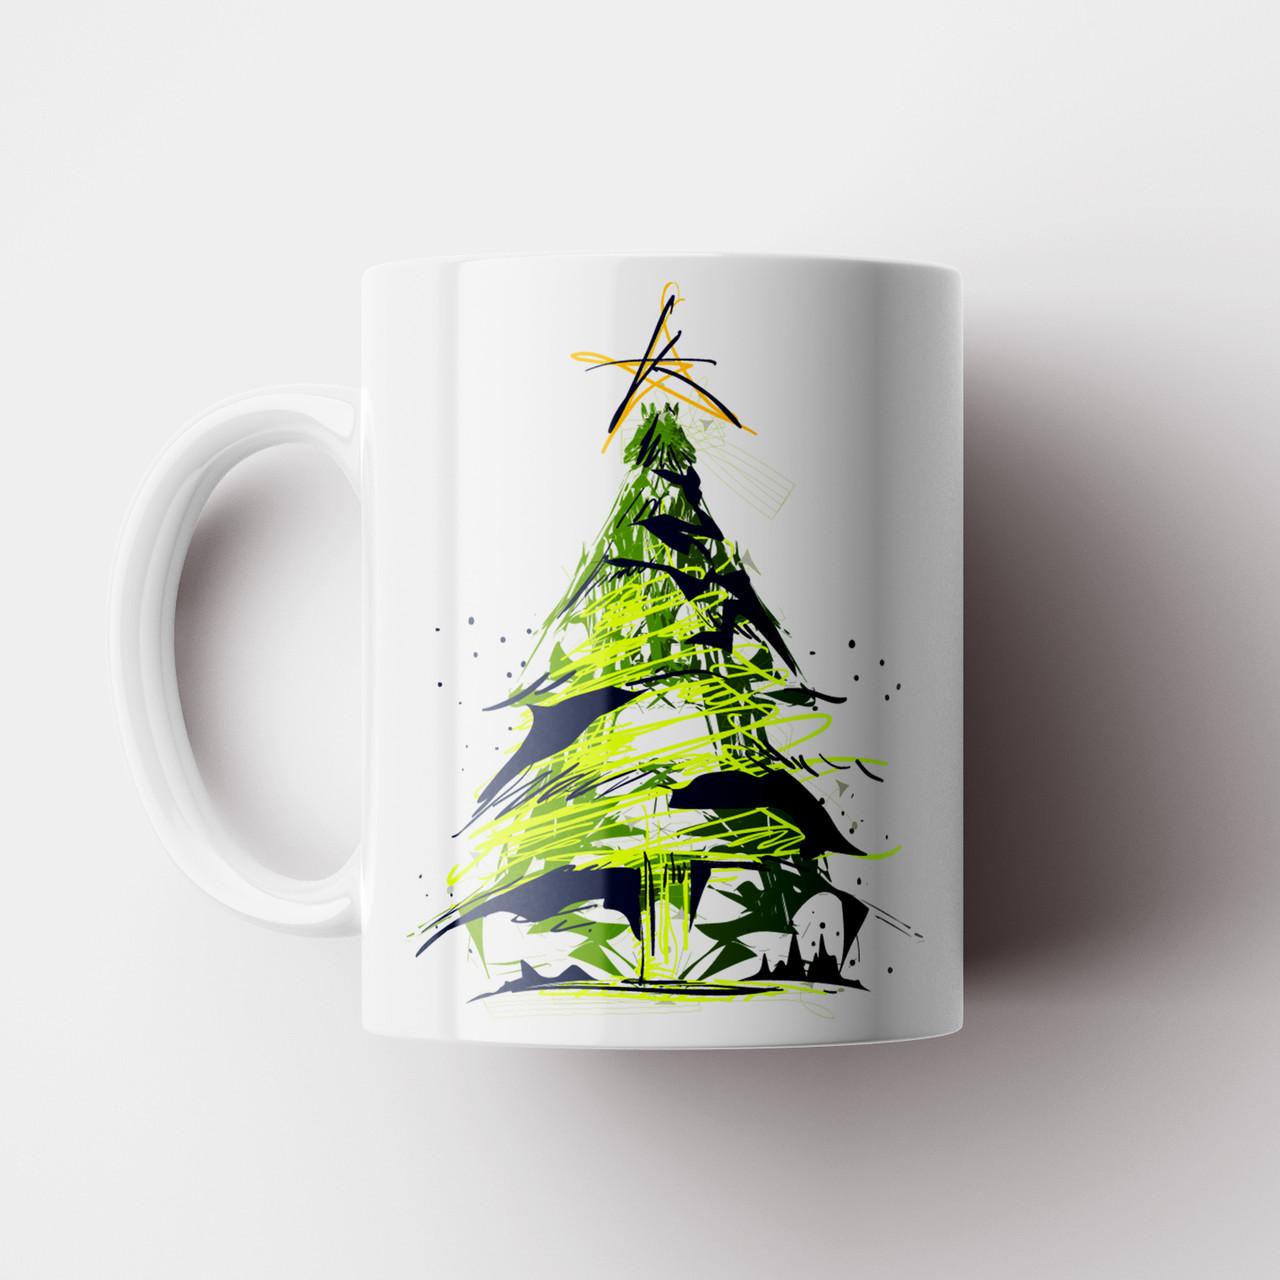 Кружка Ёлка. Merry Christmas. Новогодняя чашка №9. Новый Год